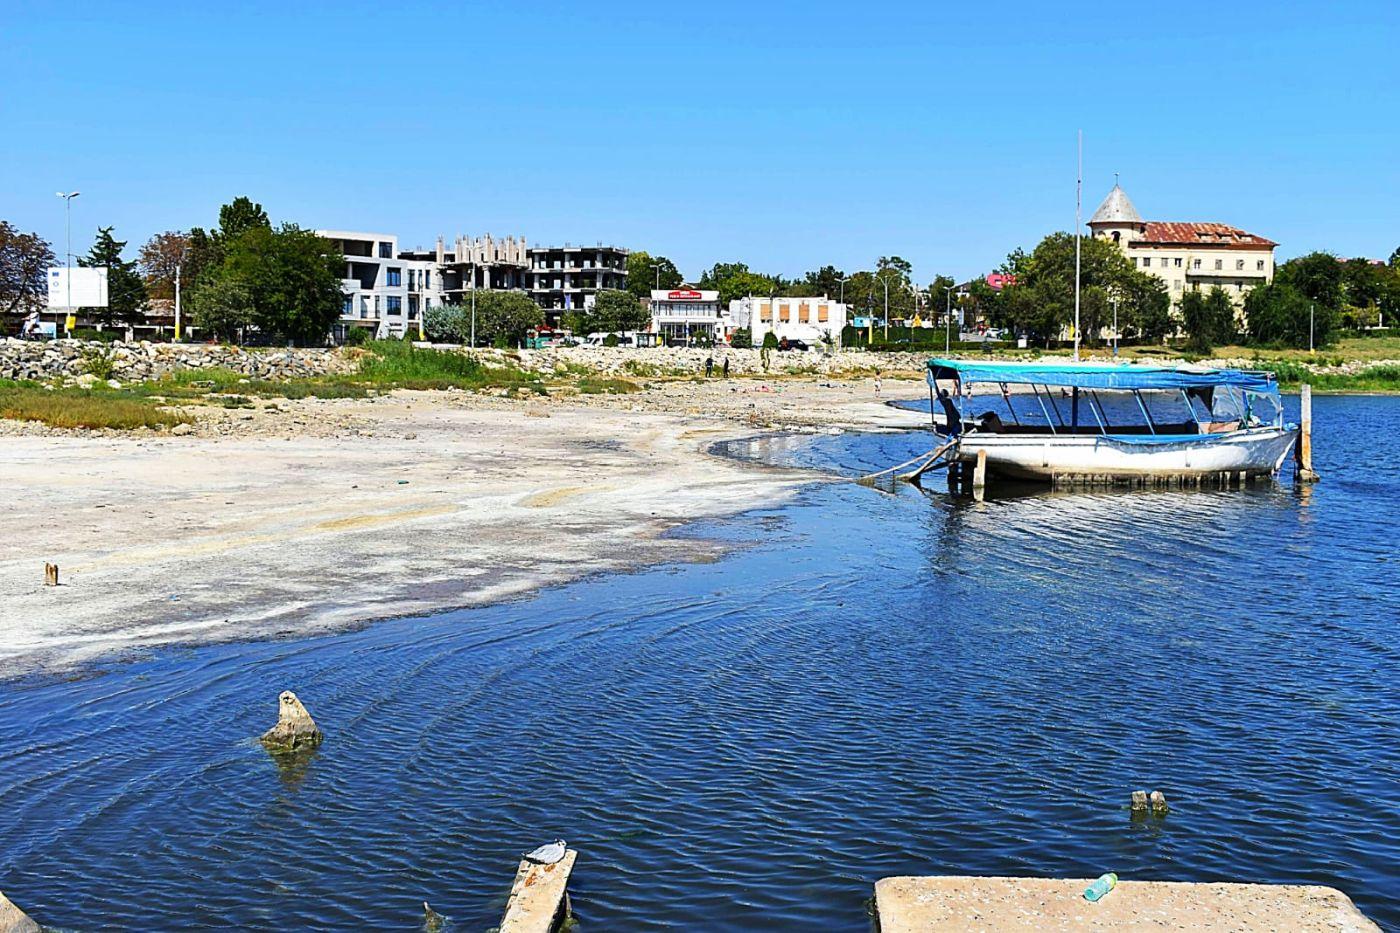 Lacul Techirghiol este în pericol. Nivelul apei a scăzut cu aproape un metru, iar perspectivele sunt sumbre. Fenomenul se va accentua în următorii ani, spun experții.